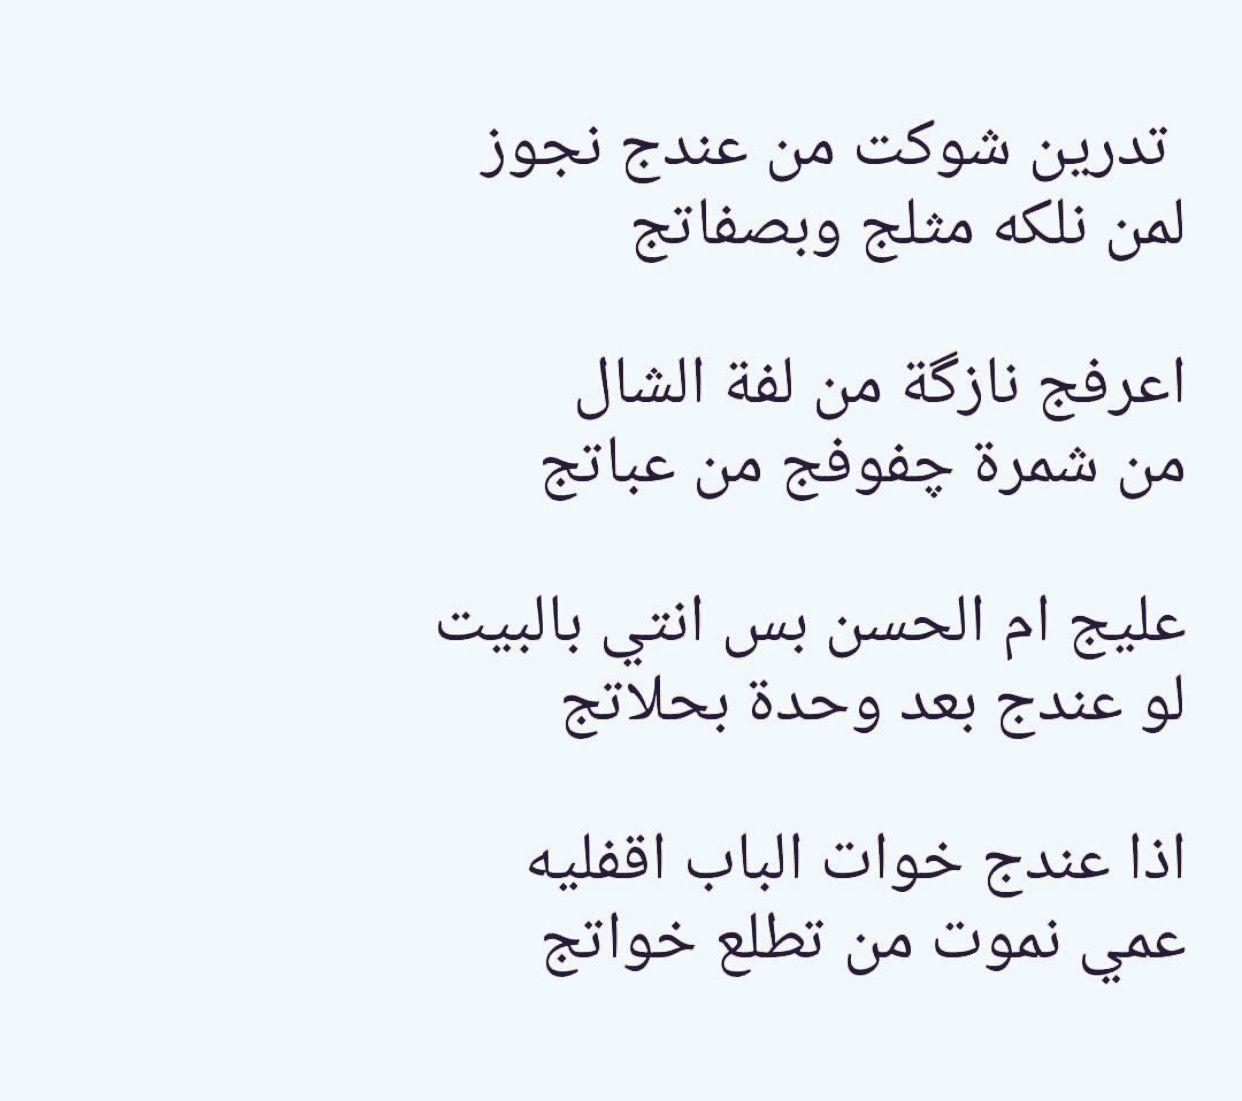 صور شعر حب عراقي , اشعار رومانسية عراقية